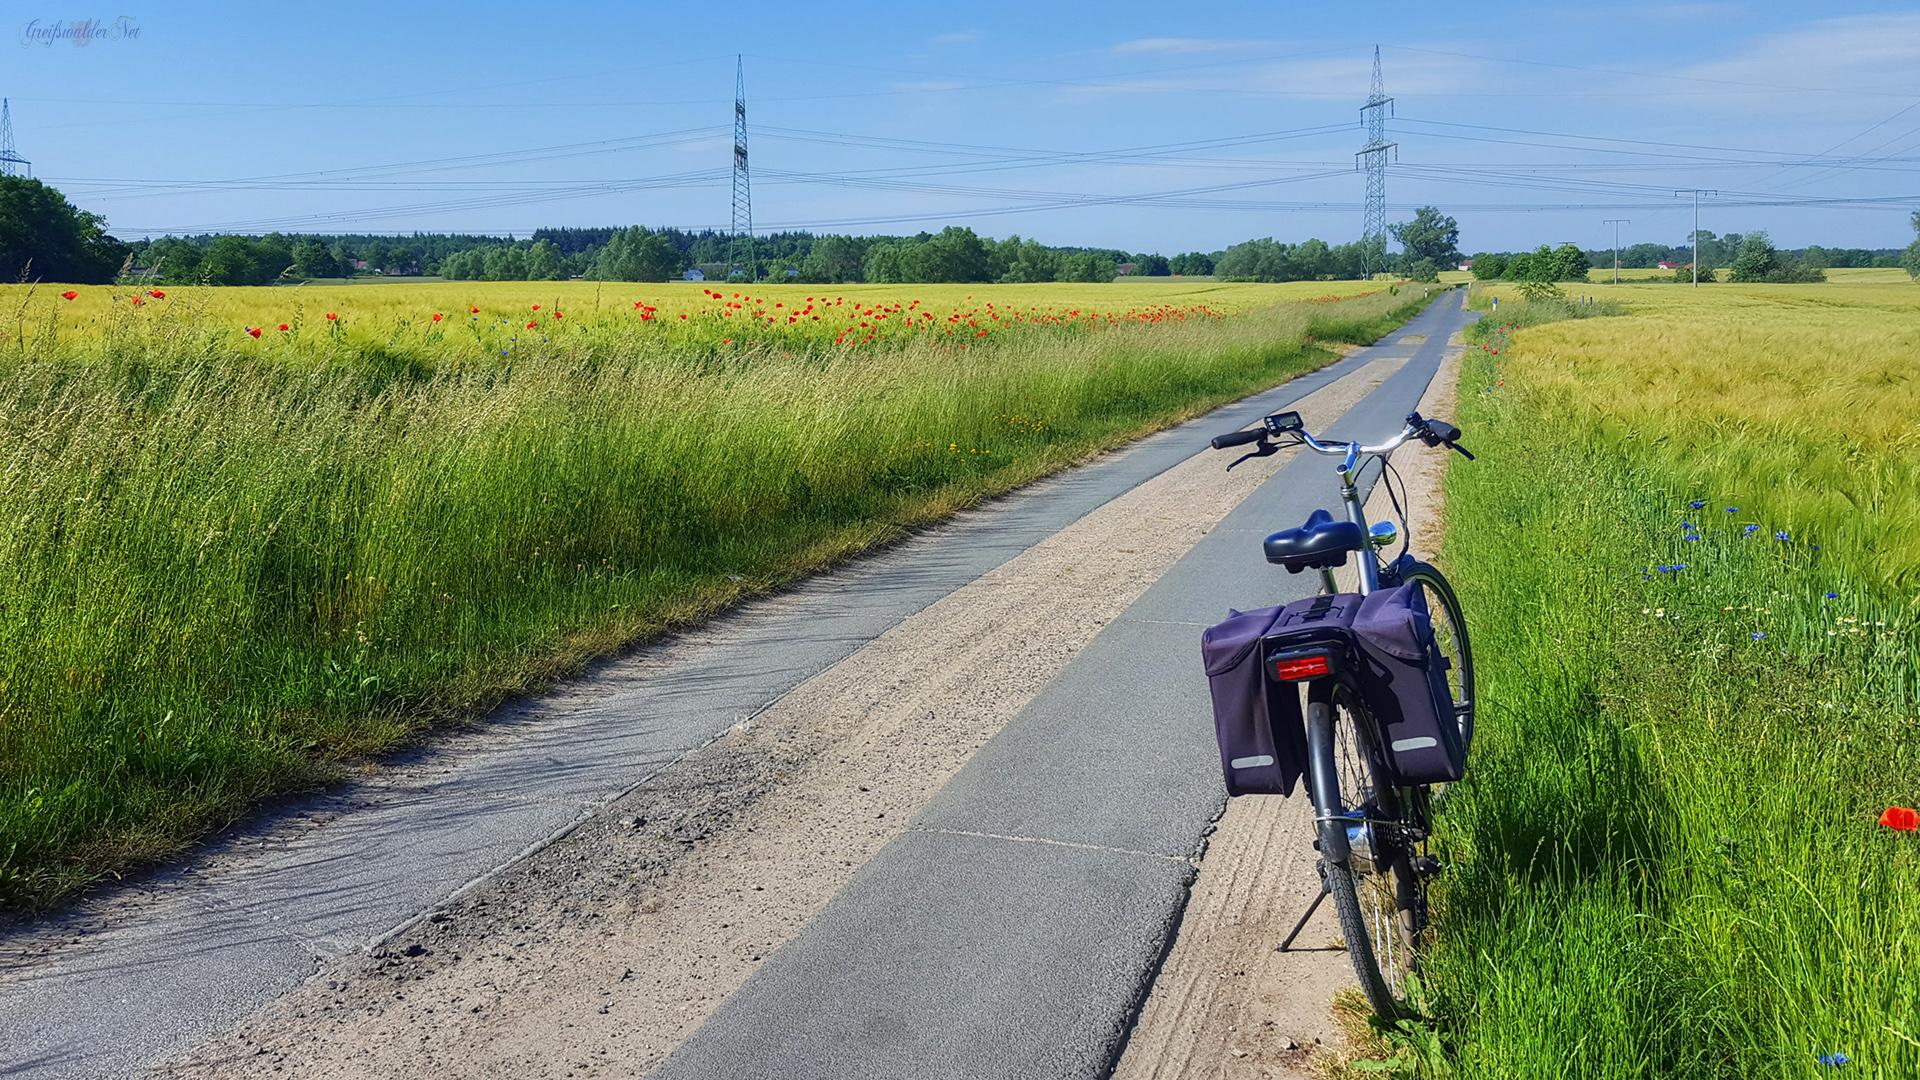 Radtour bei sommerlichen Temperaturen